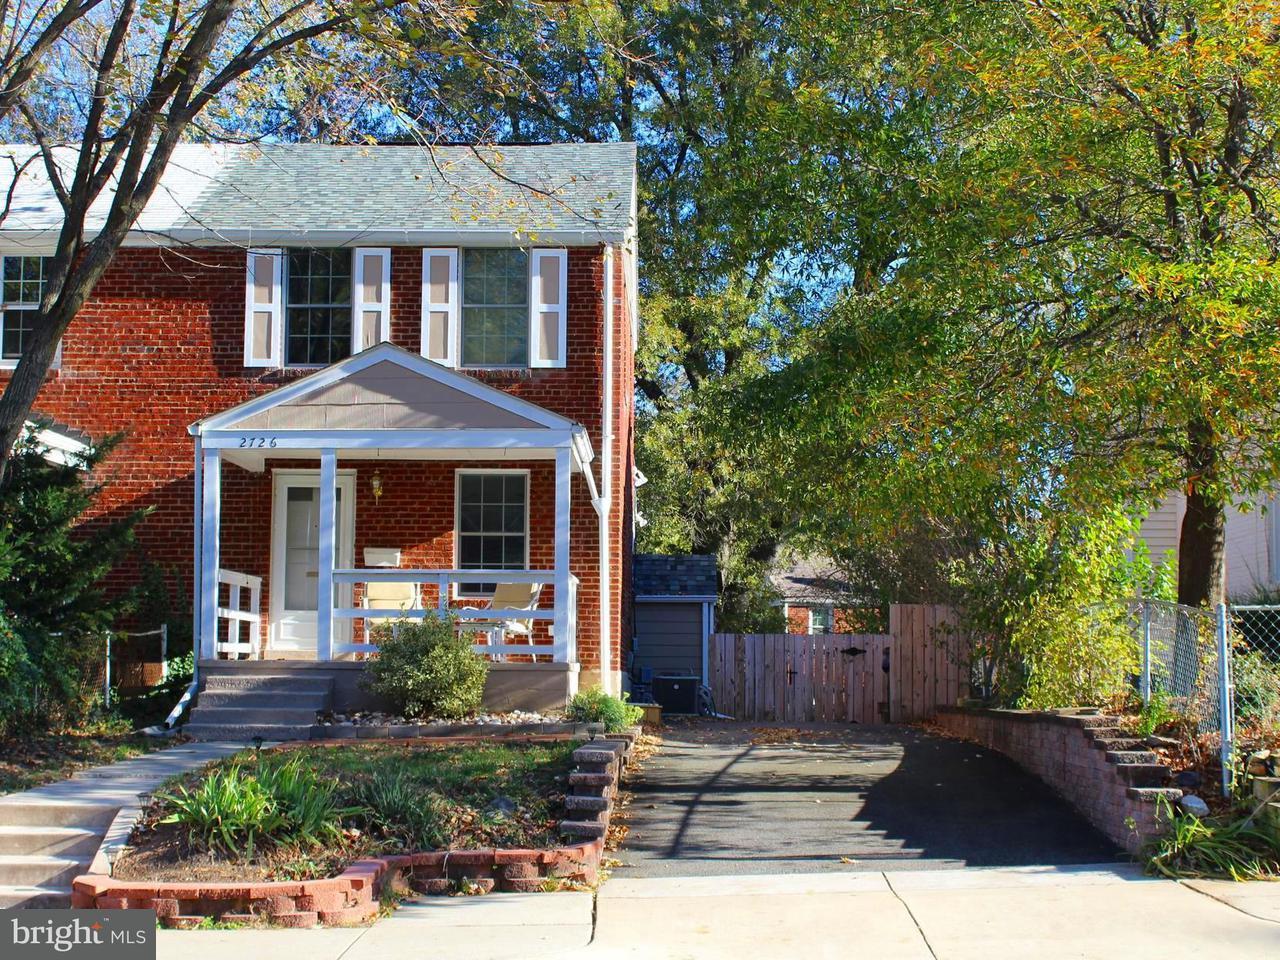 Doppelhaus für Verkauf beim 2726 FORT Drive 2726 FORT Drive Alexandria, Virginia 22303 Vereinigte Staaten